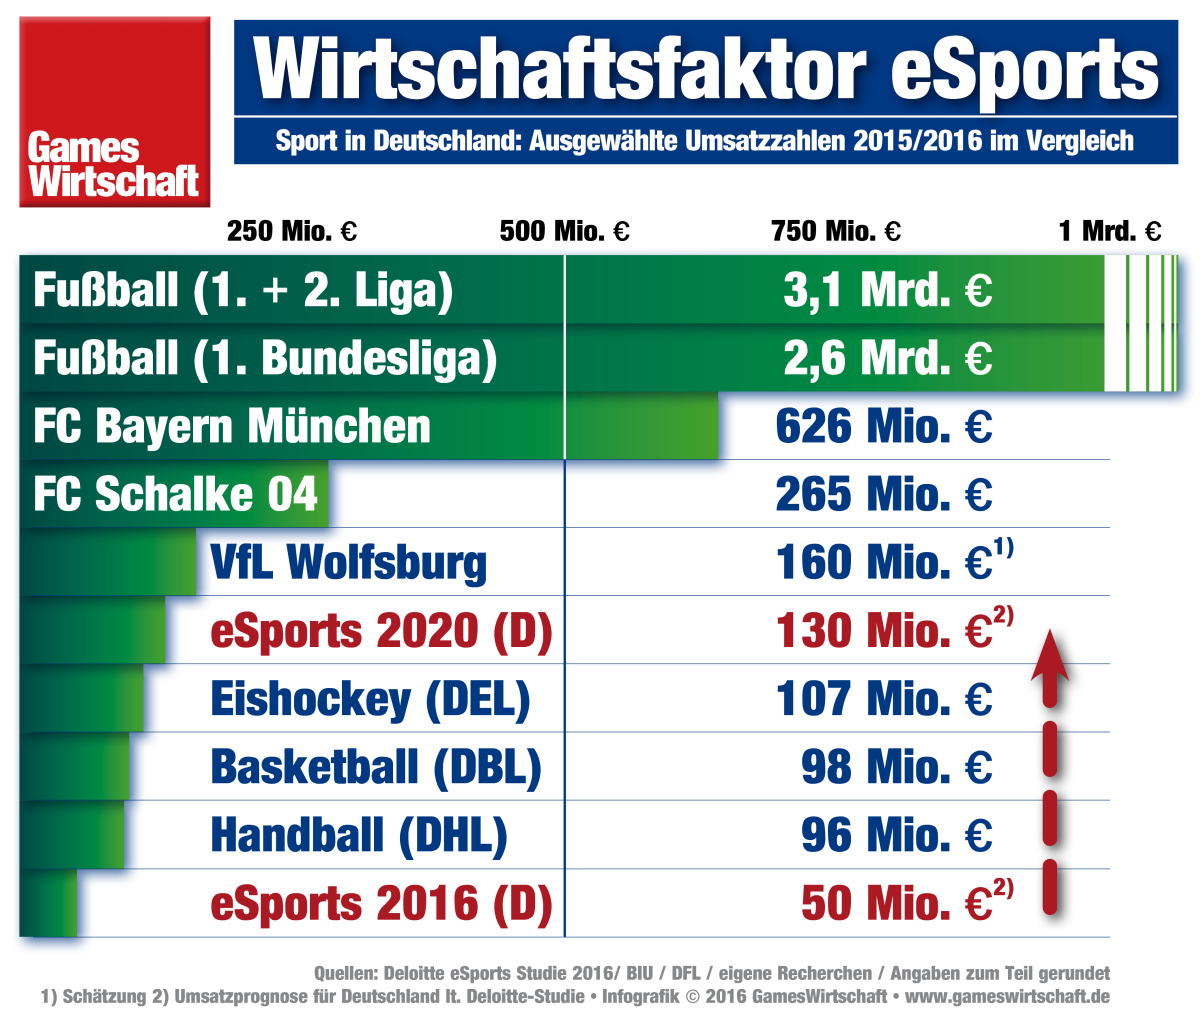 Esports Preisgelder